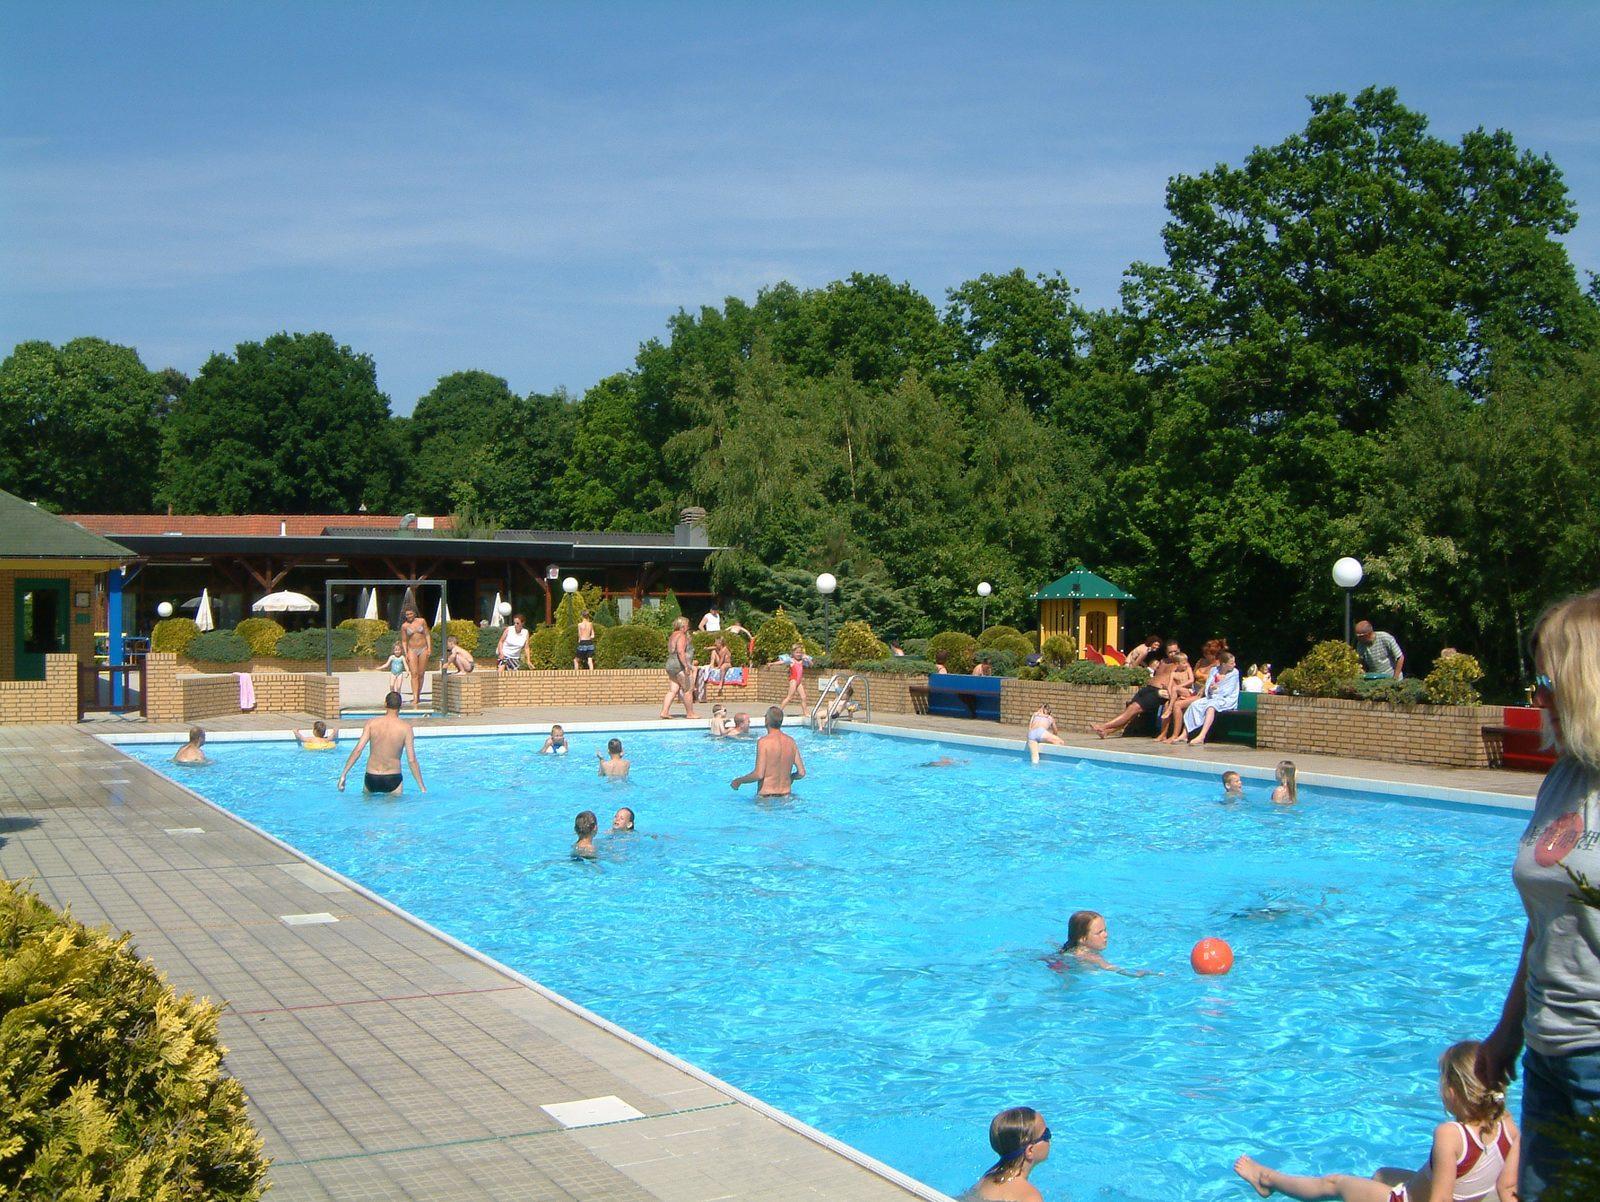 Parc de Kievit beschikt over een vakantiehuis voor 10 personen in Brabant, waarbij u gebruik kunt maken van het verwarmde buitenzwembad.